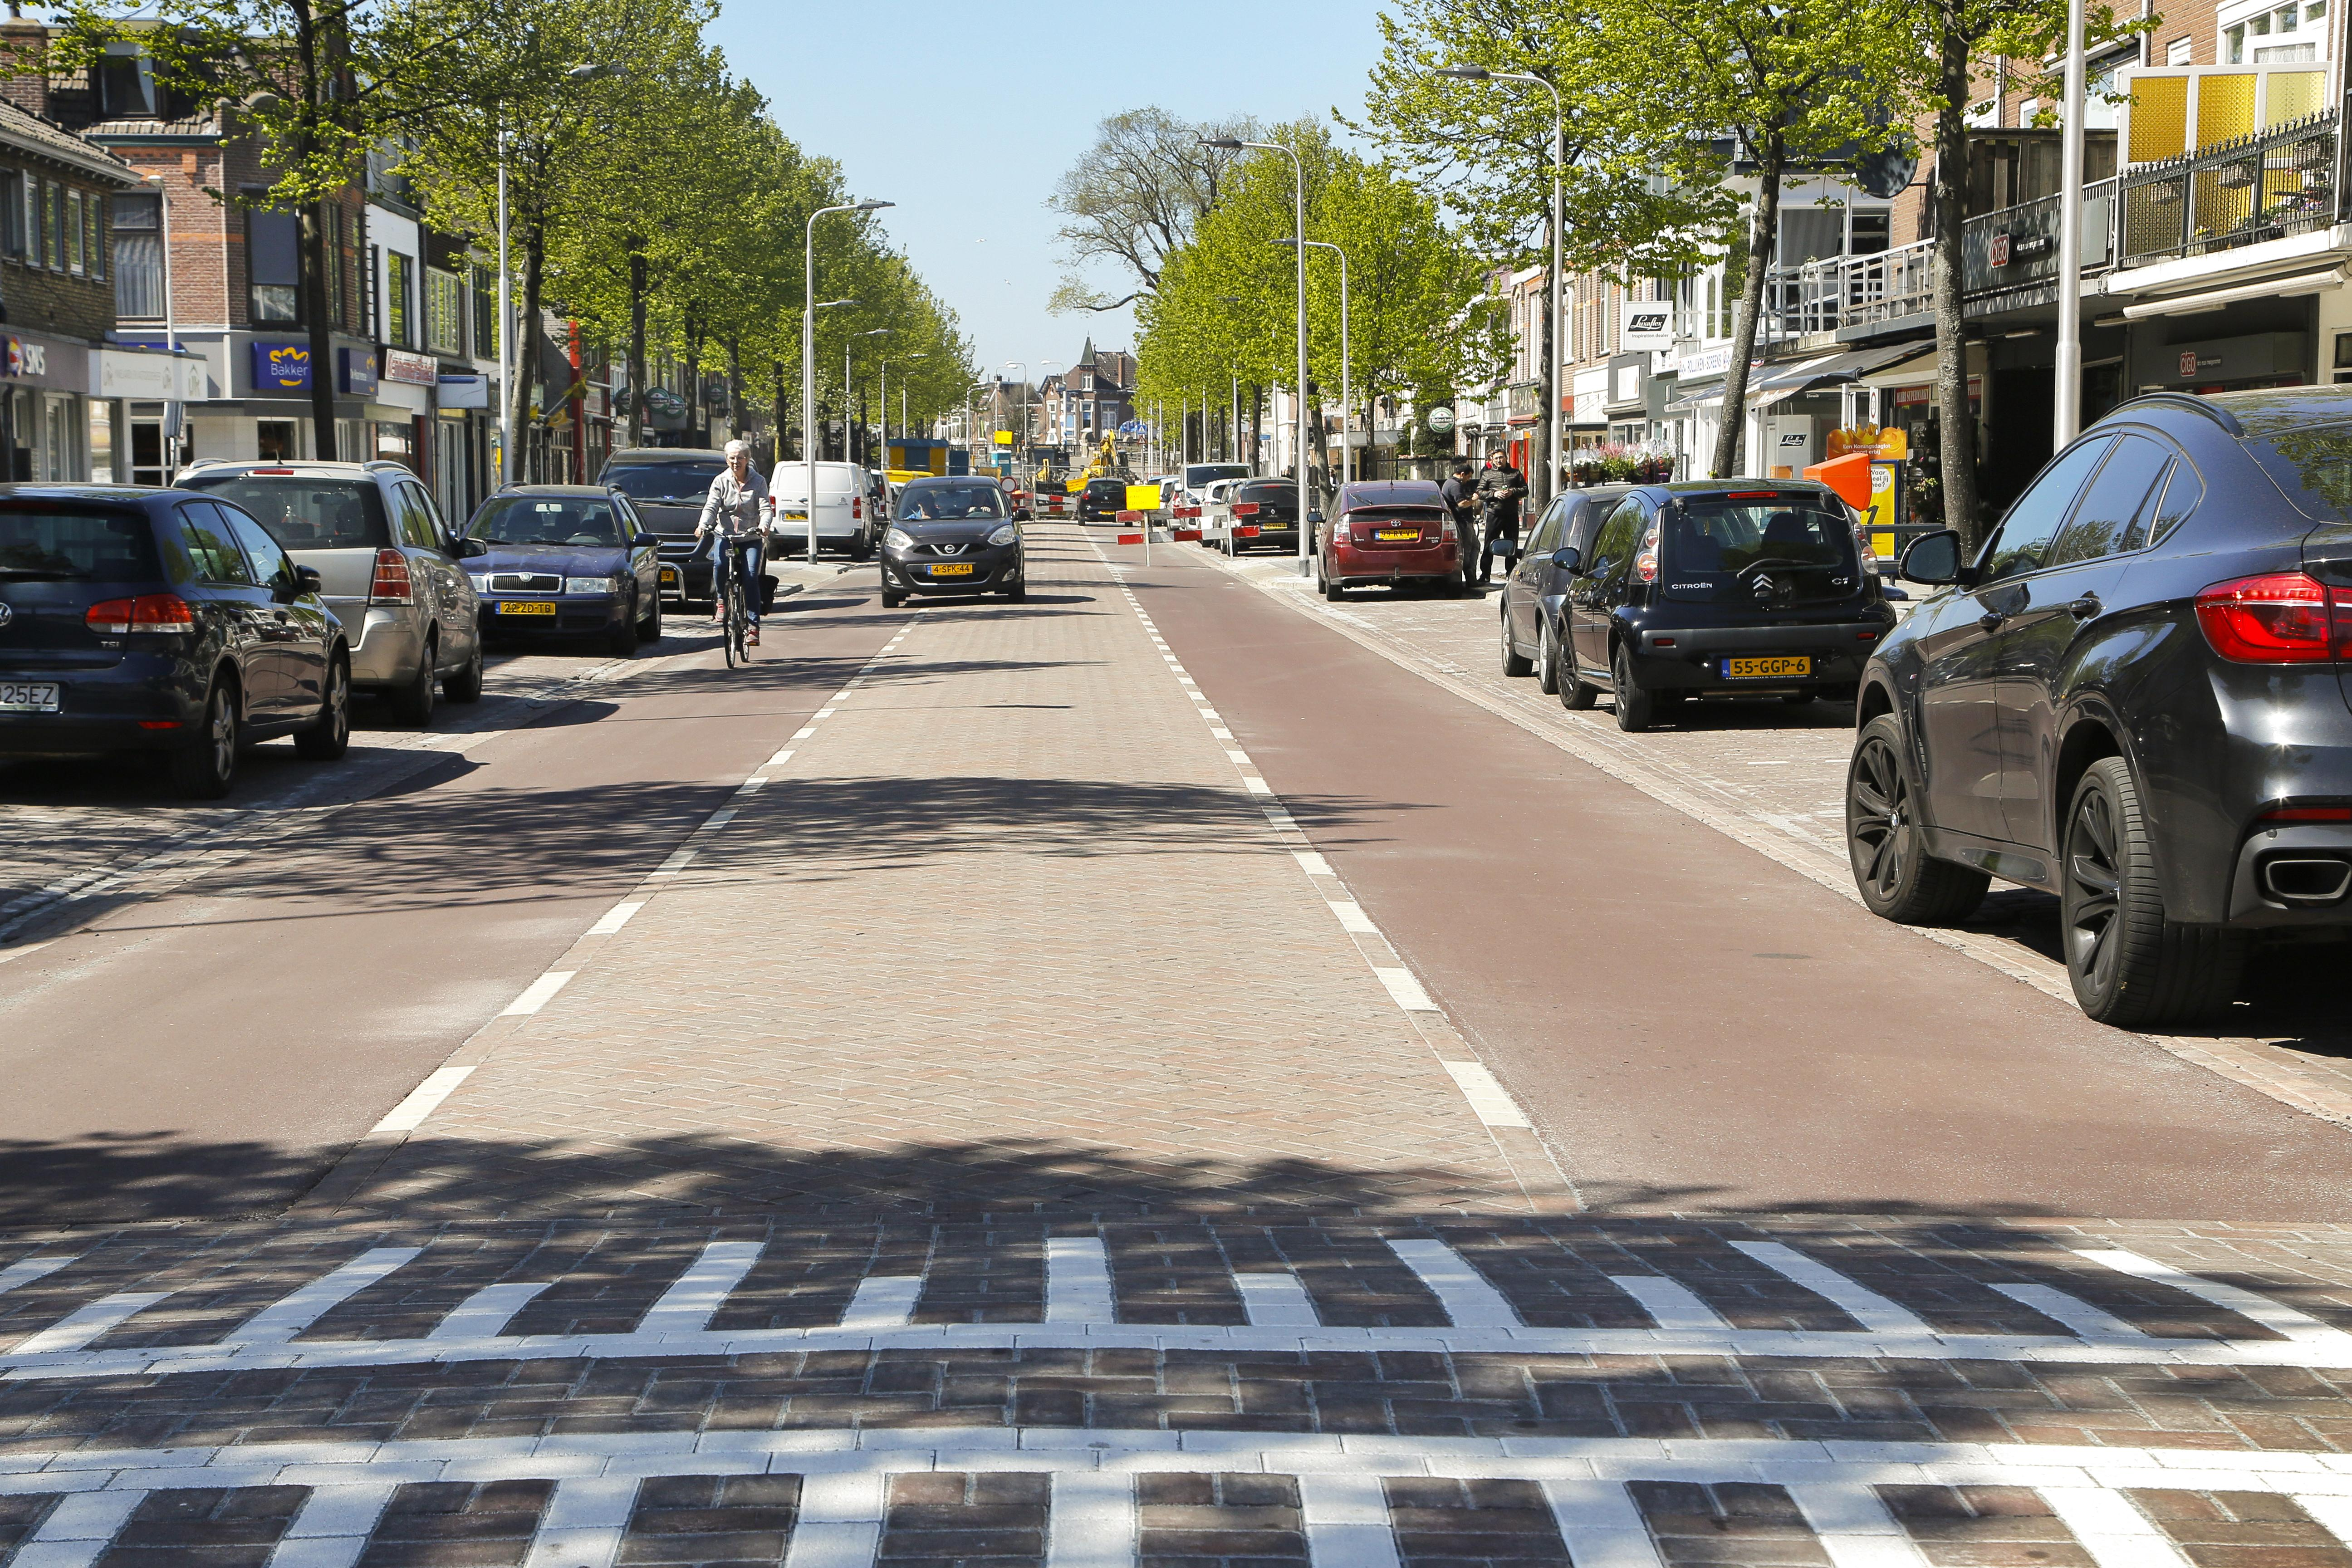 Blauwe zone Kennemerlaan in IJmuiden blijft nog een voornemen. Wethouder Diepstraten sust de onrust